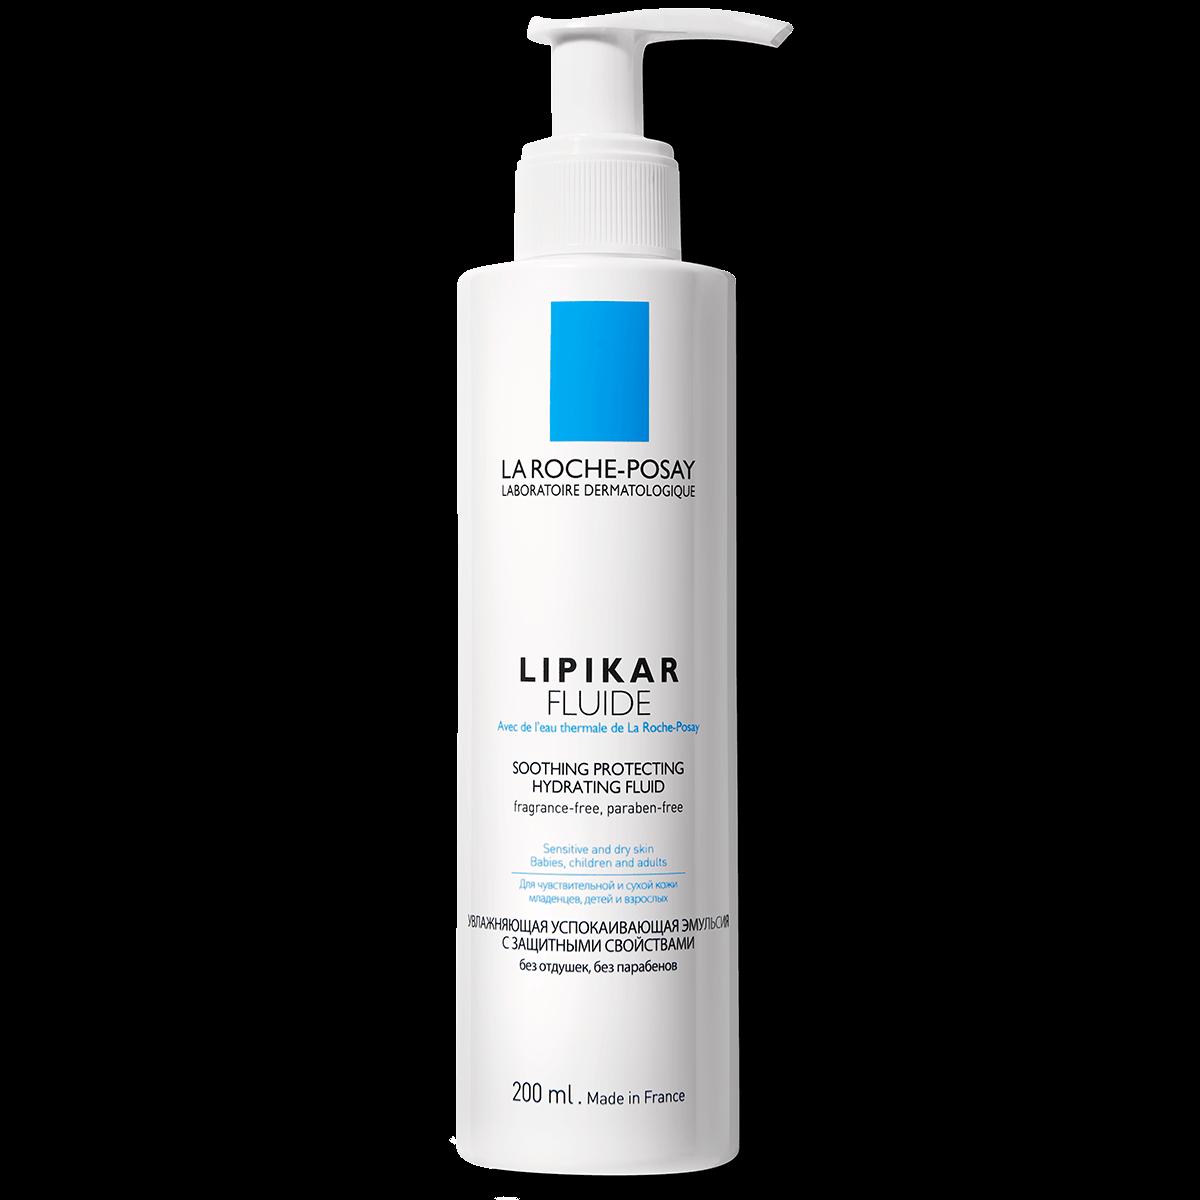 La Roche Posay ProduktSide Eksem Lipikar Fluide 200ml 3337872420603 F